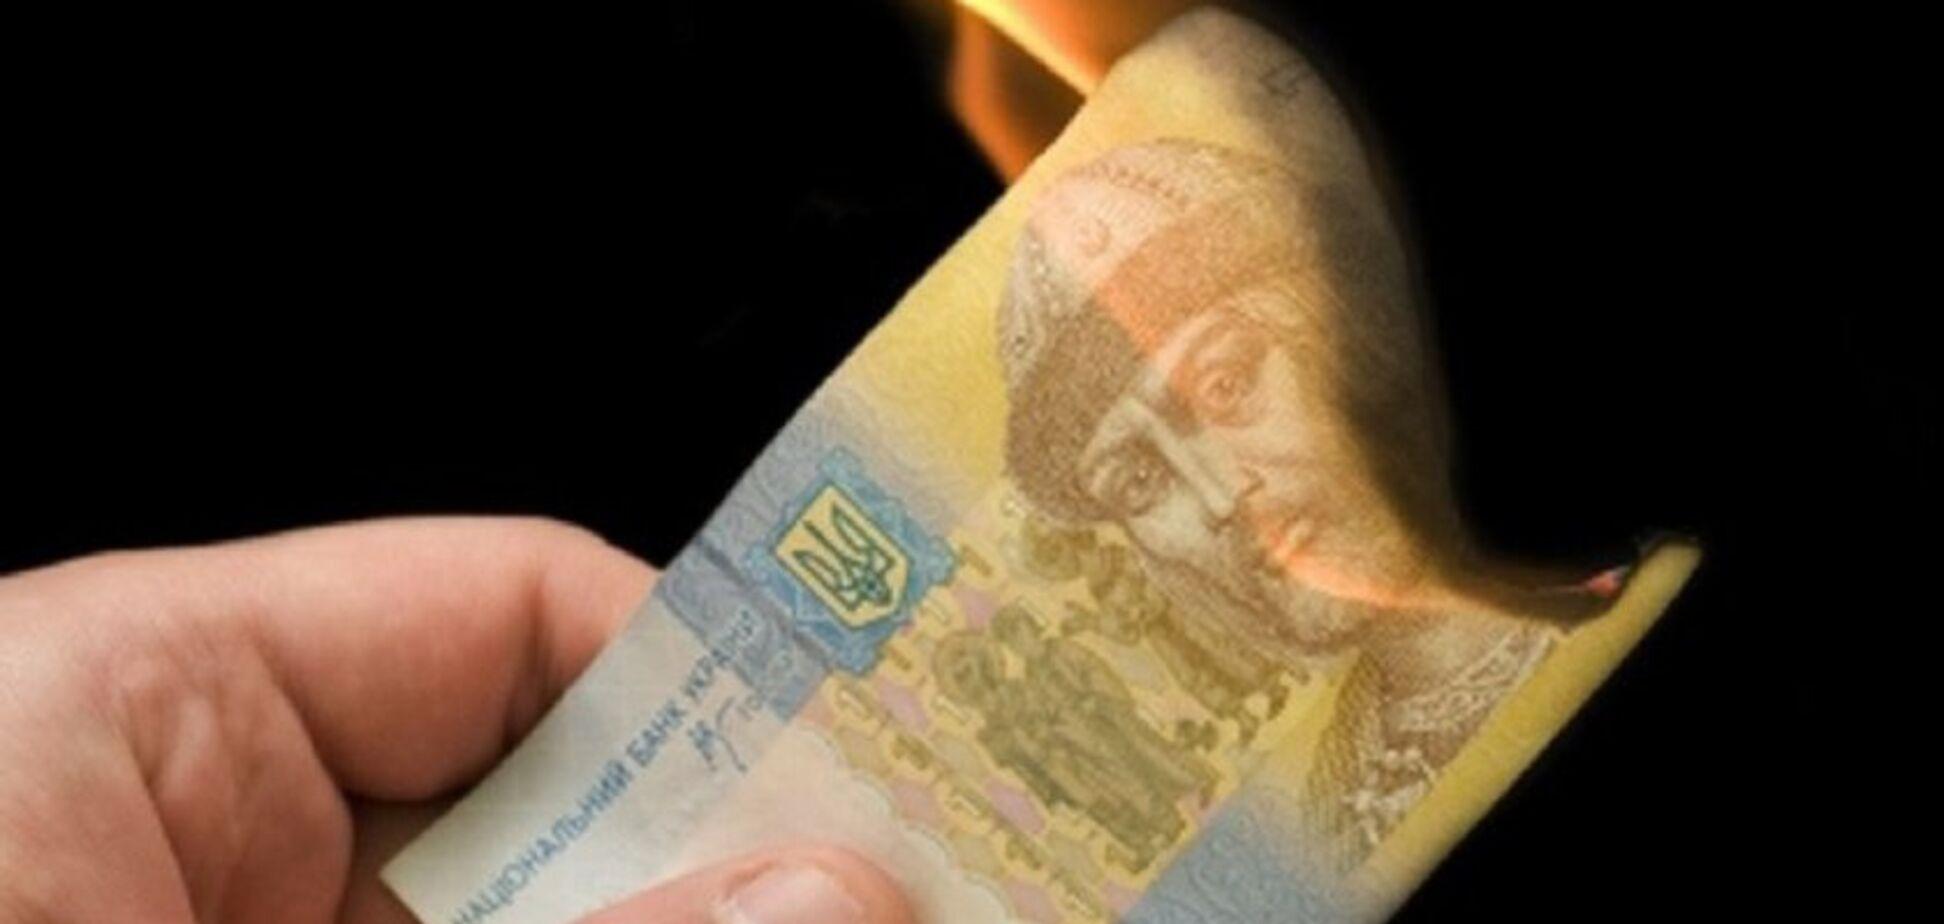 В Україні продадуть держбанки: аналітик назвав головну проблему